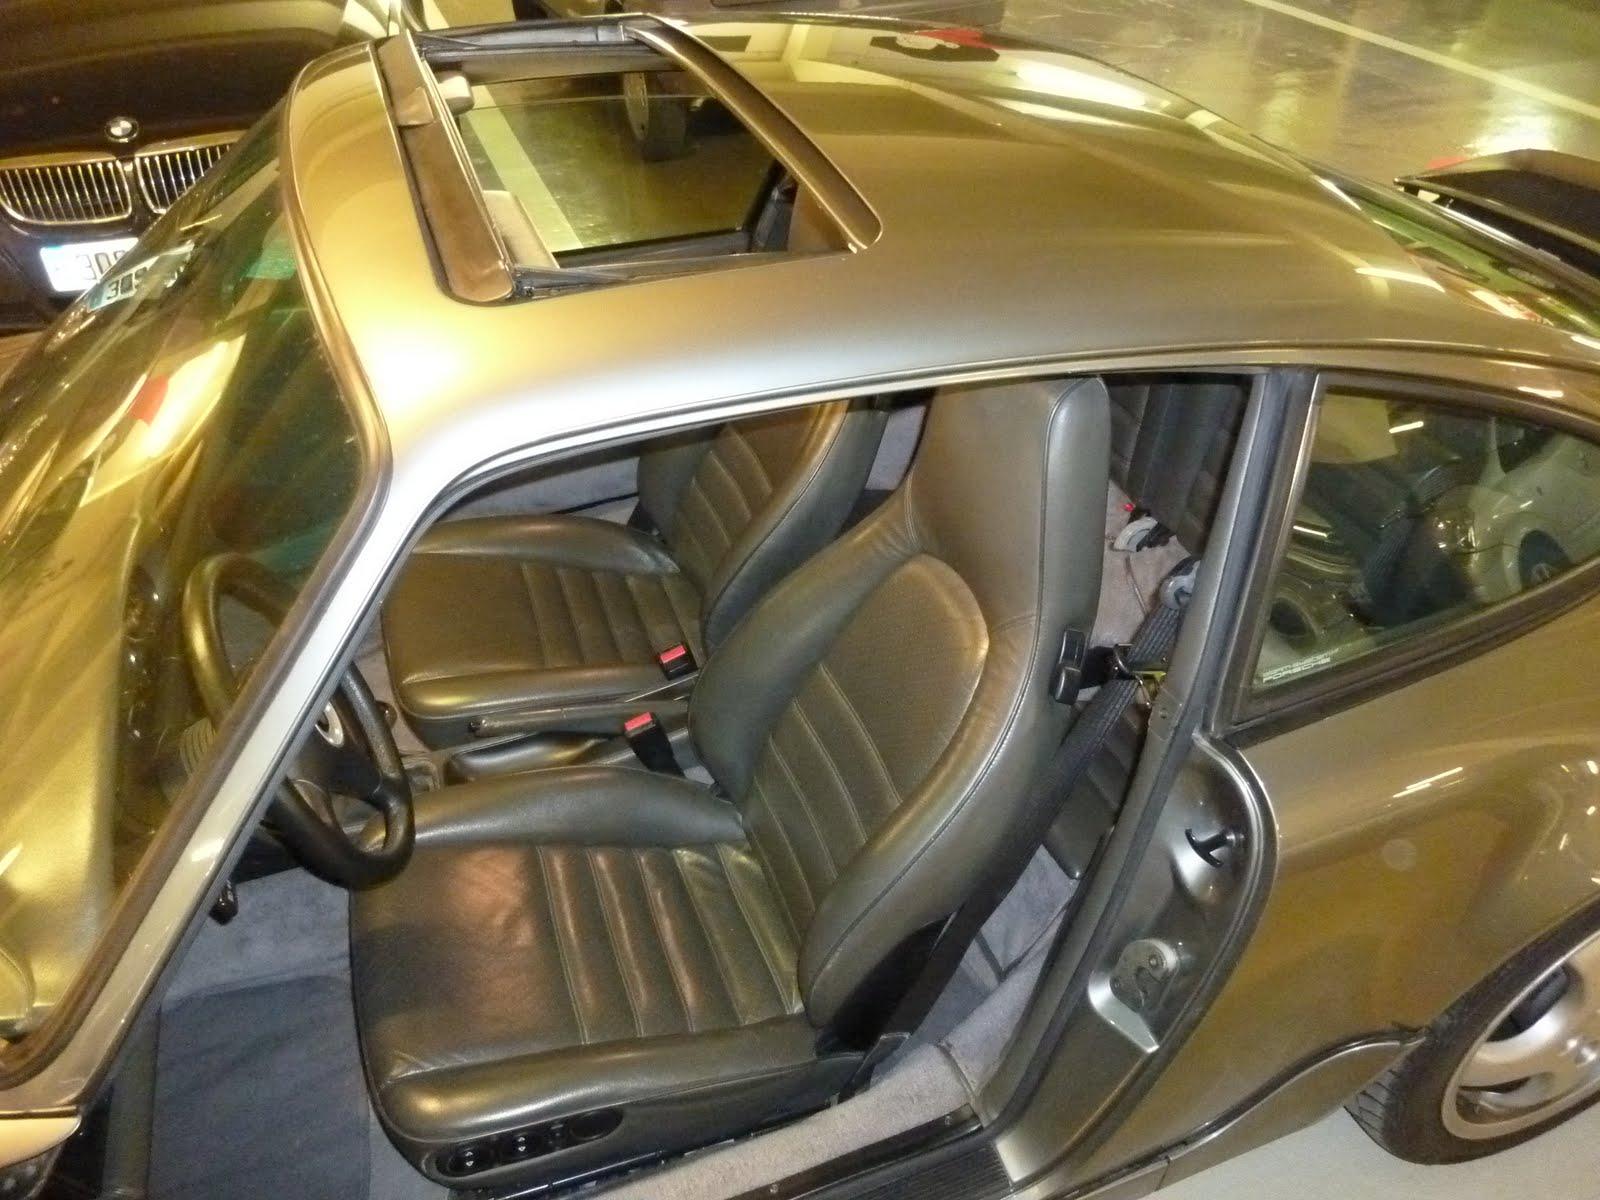 autocoach d p t vente automobile paris porsche 911 carrera 2 type 964 1989. Black Bedroom Furniture Sets. Home Design Ideas